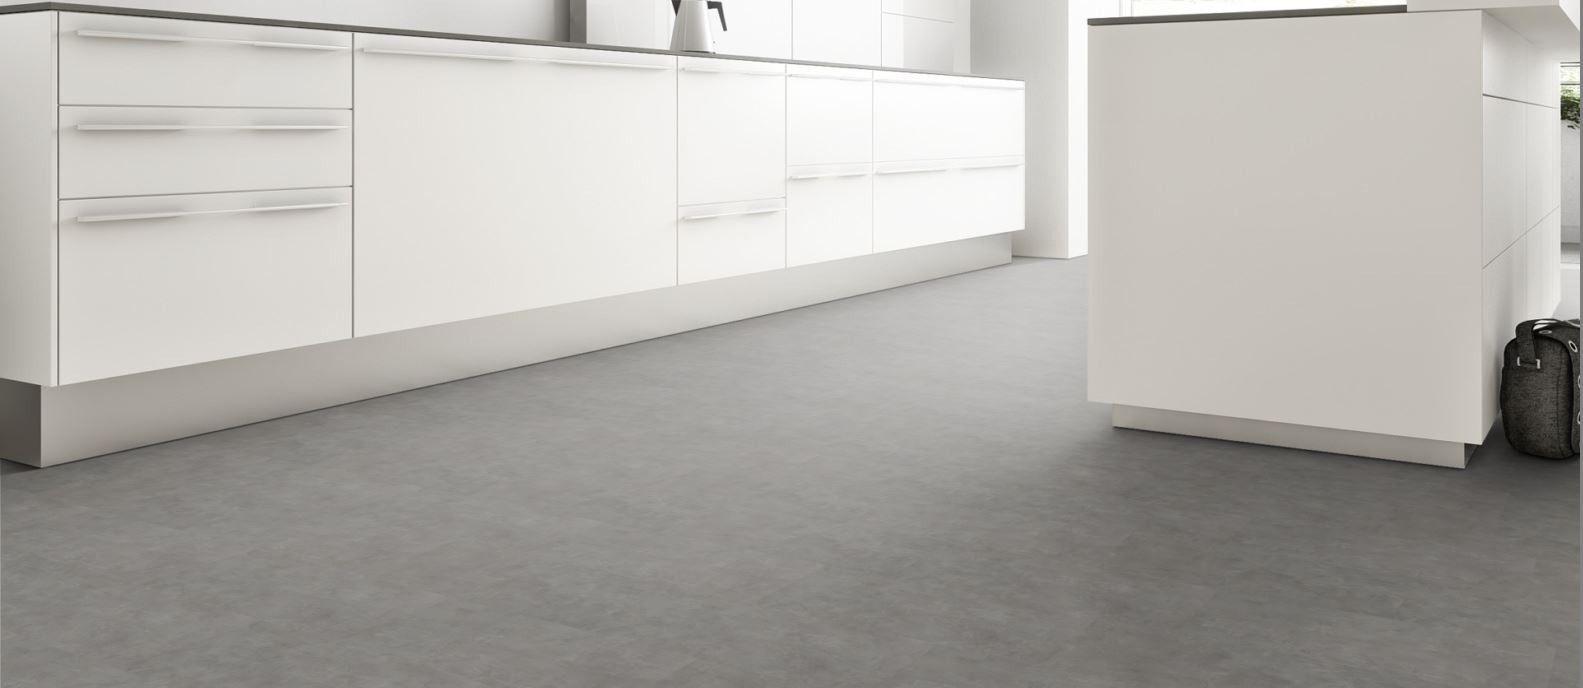 Klick Vinyl Fliesen Stone Messina Beton Steinoptik Interior - Vinylboden für nassräume